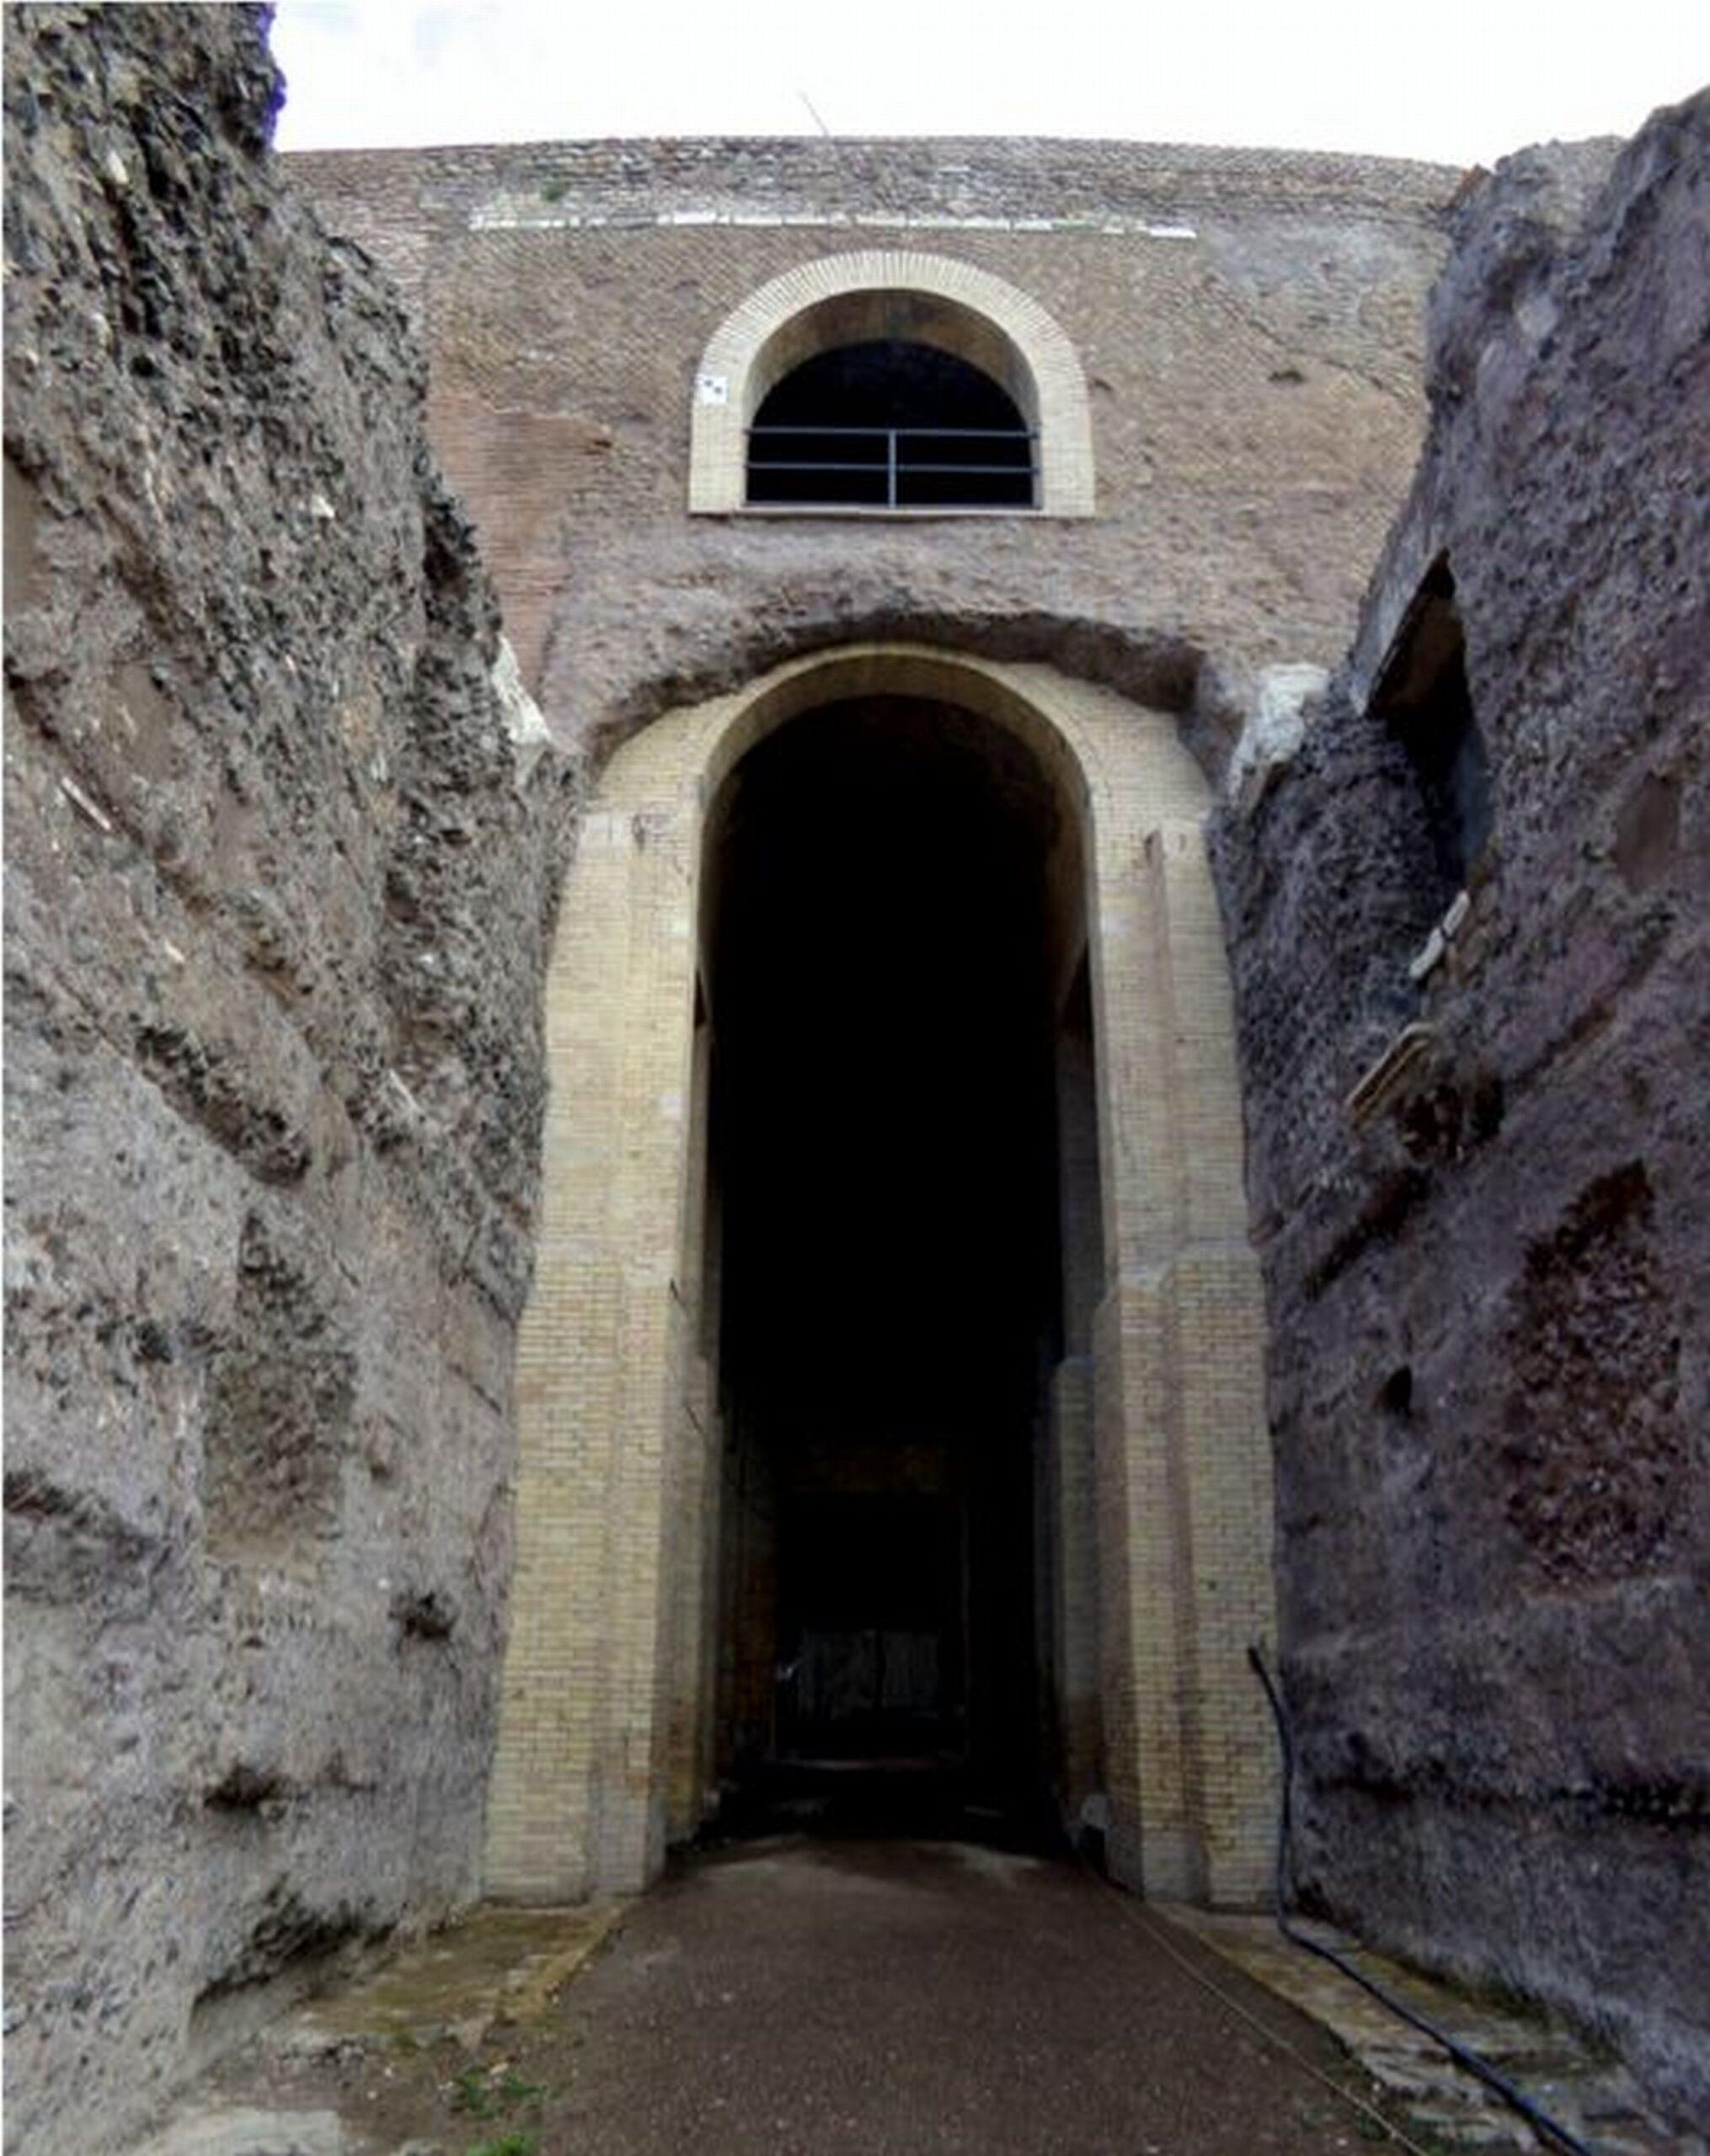 Veduta dell'ingresso al Mausoleo di Augusto prima e dopo i restauri condotti dalla Sovrintendenza Capitolina ai Beni Culturali